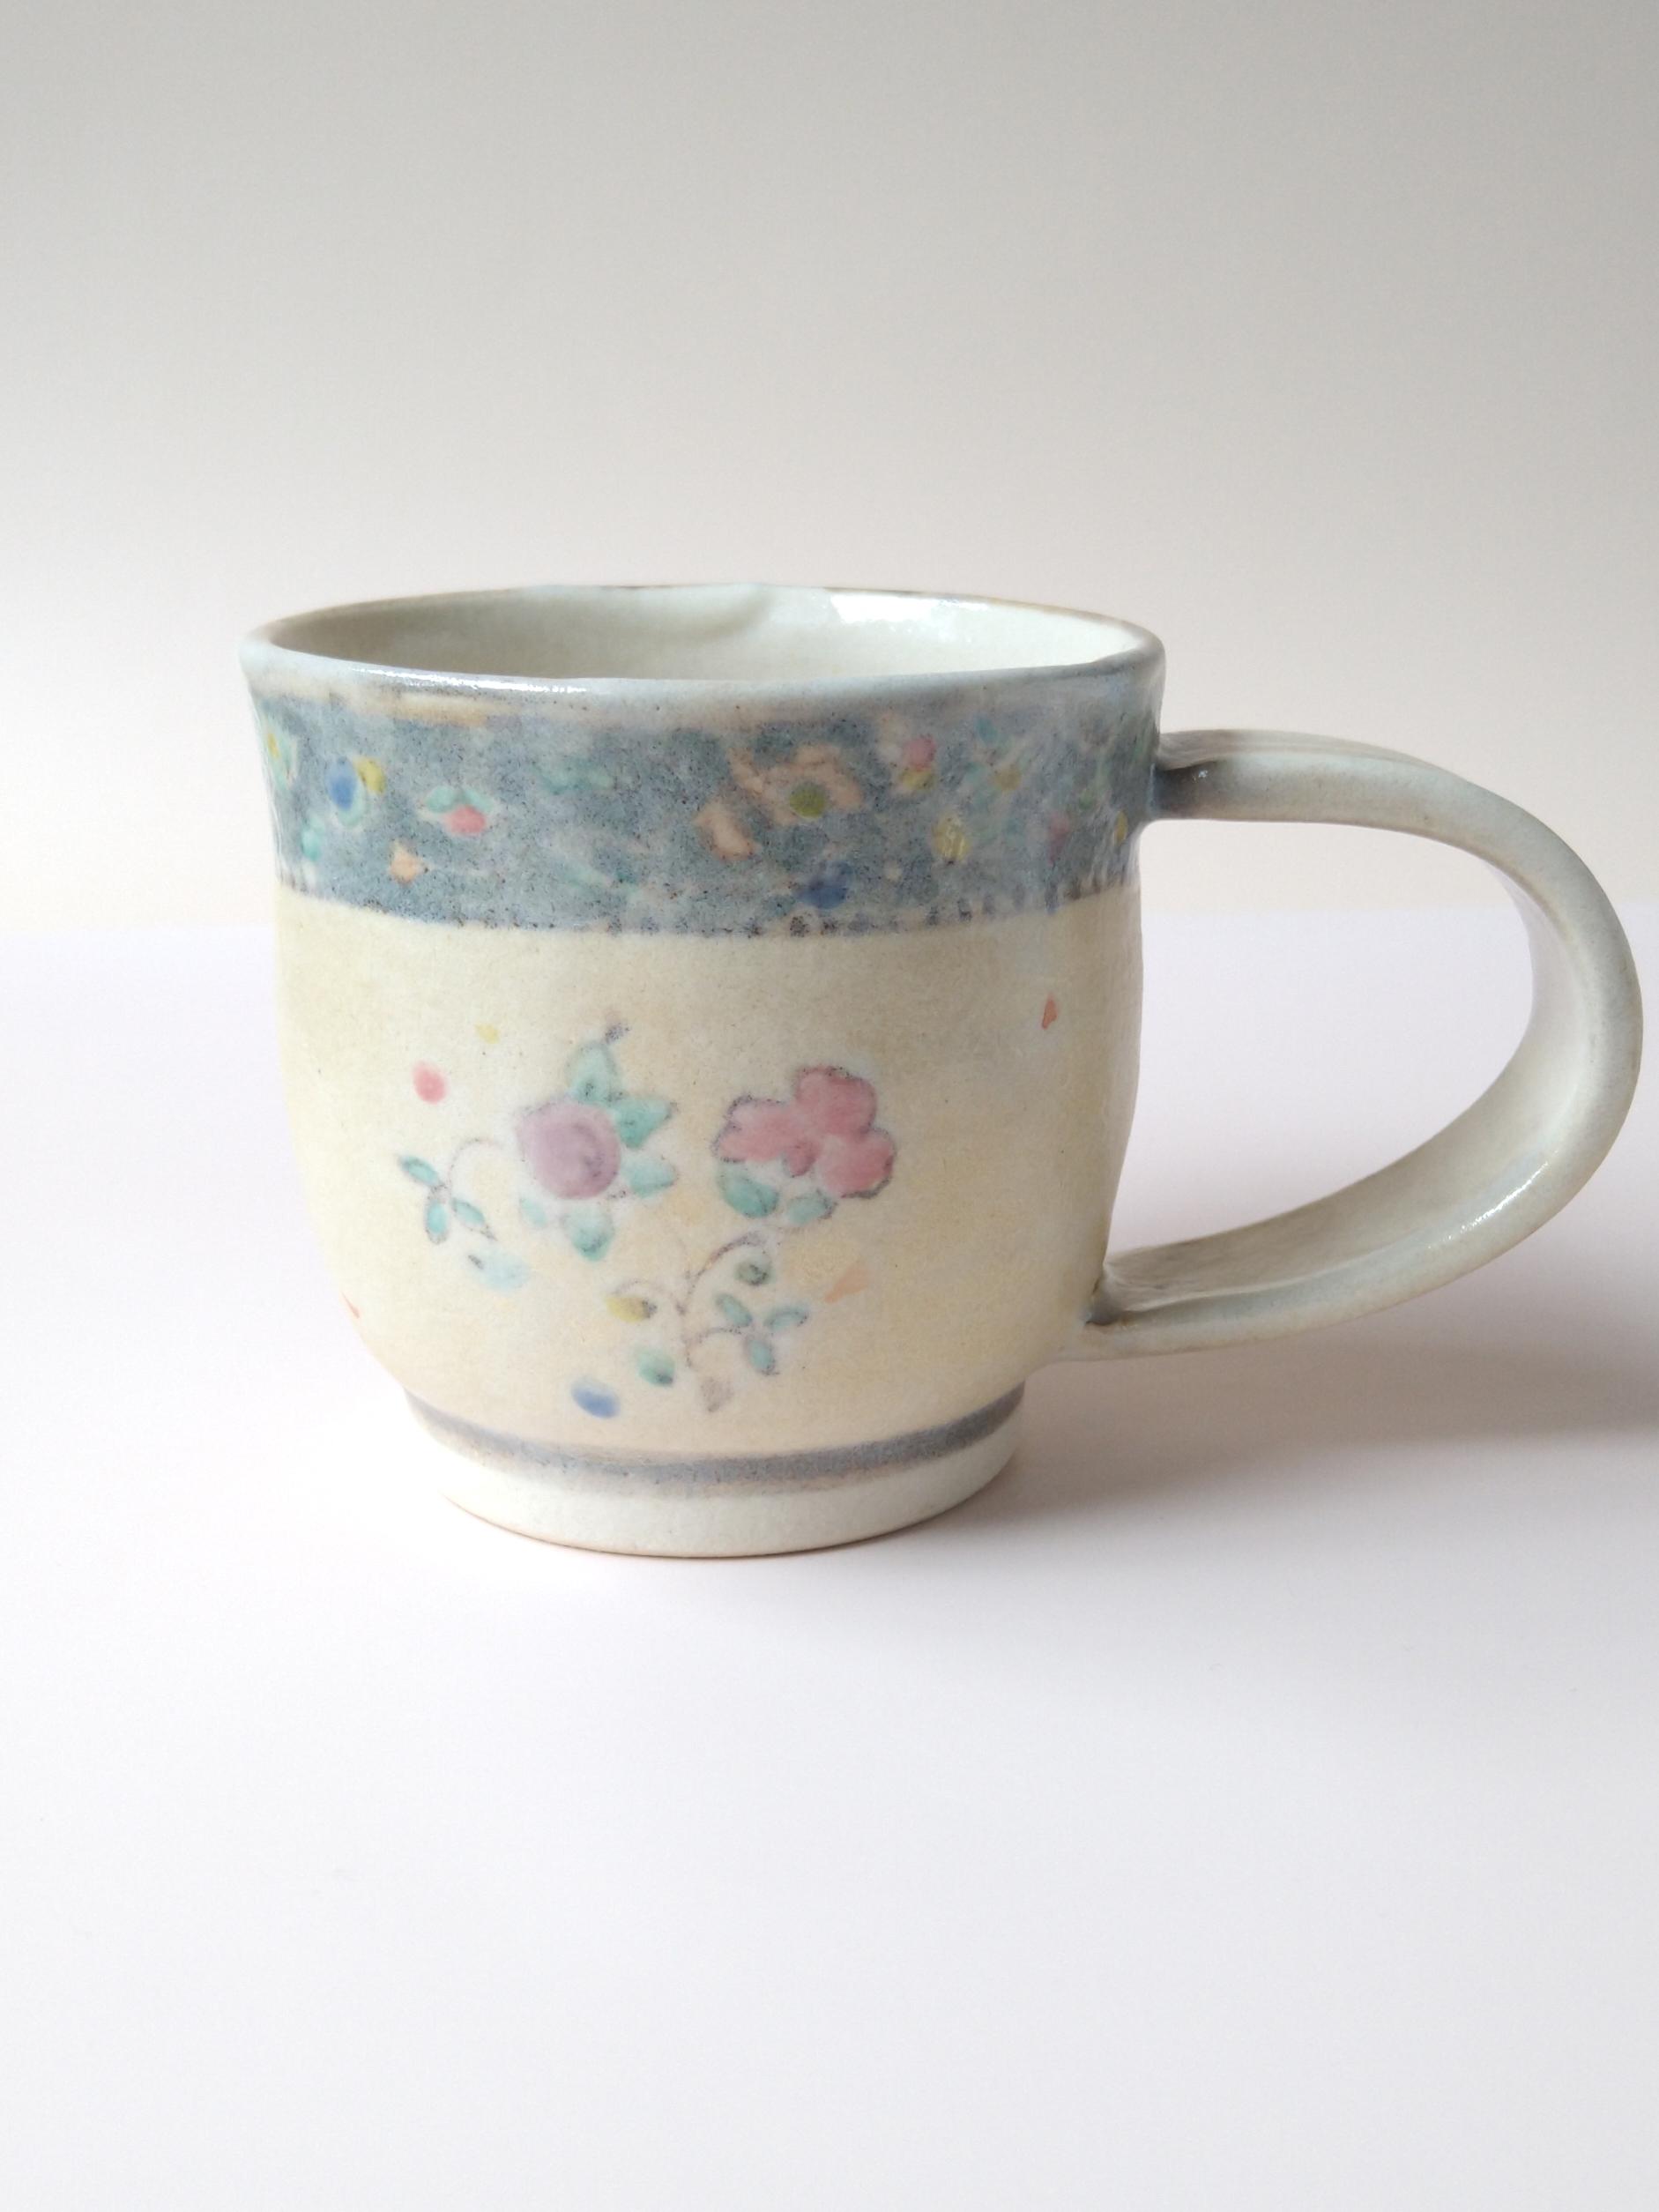 更紗コーヒーカップ アースカラー